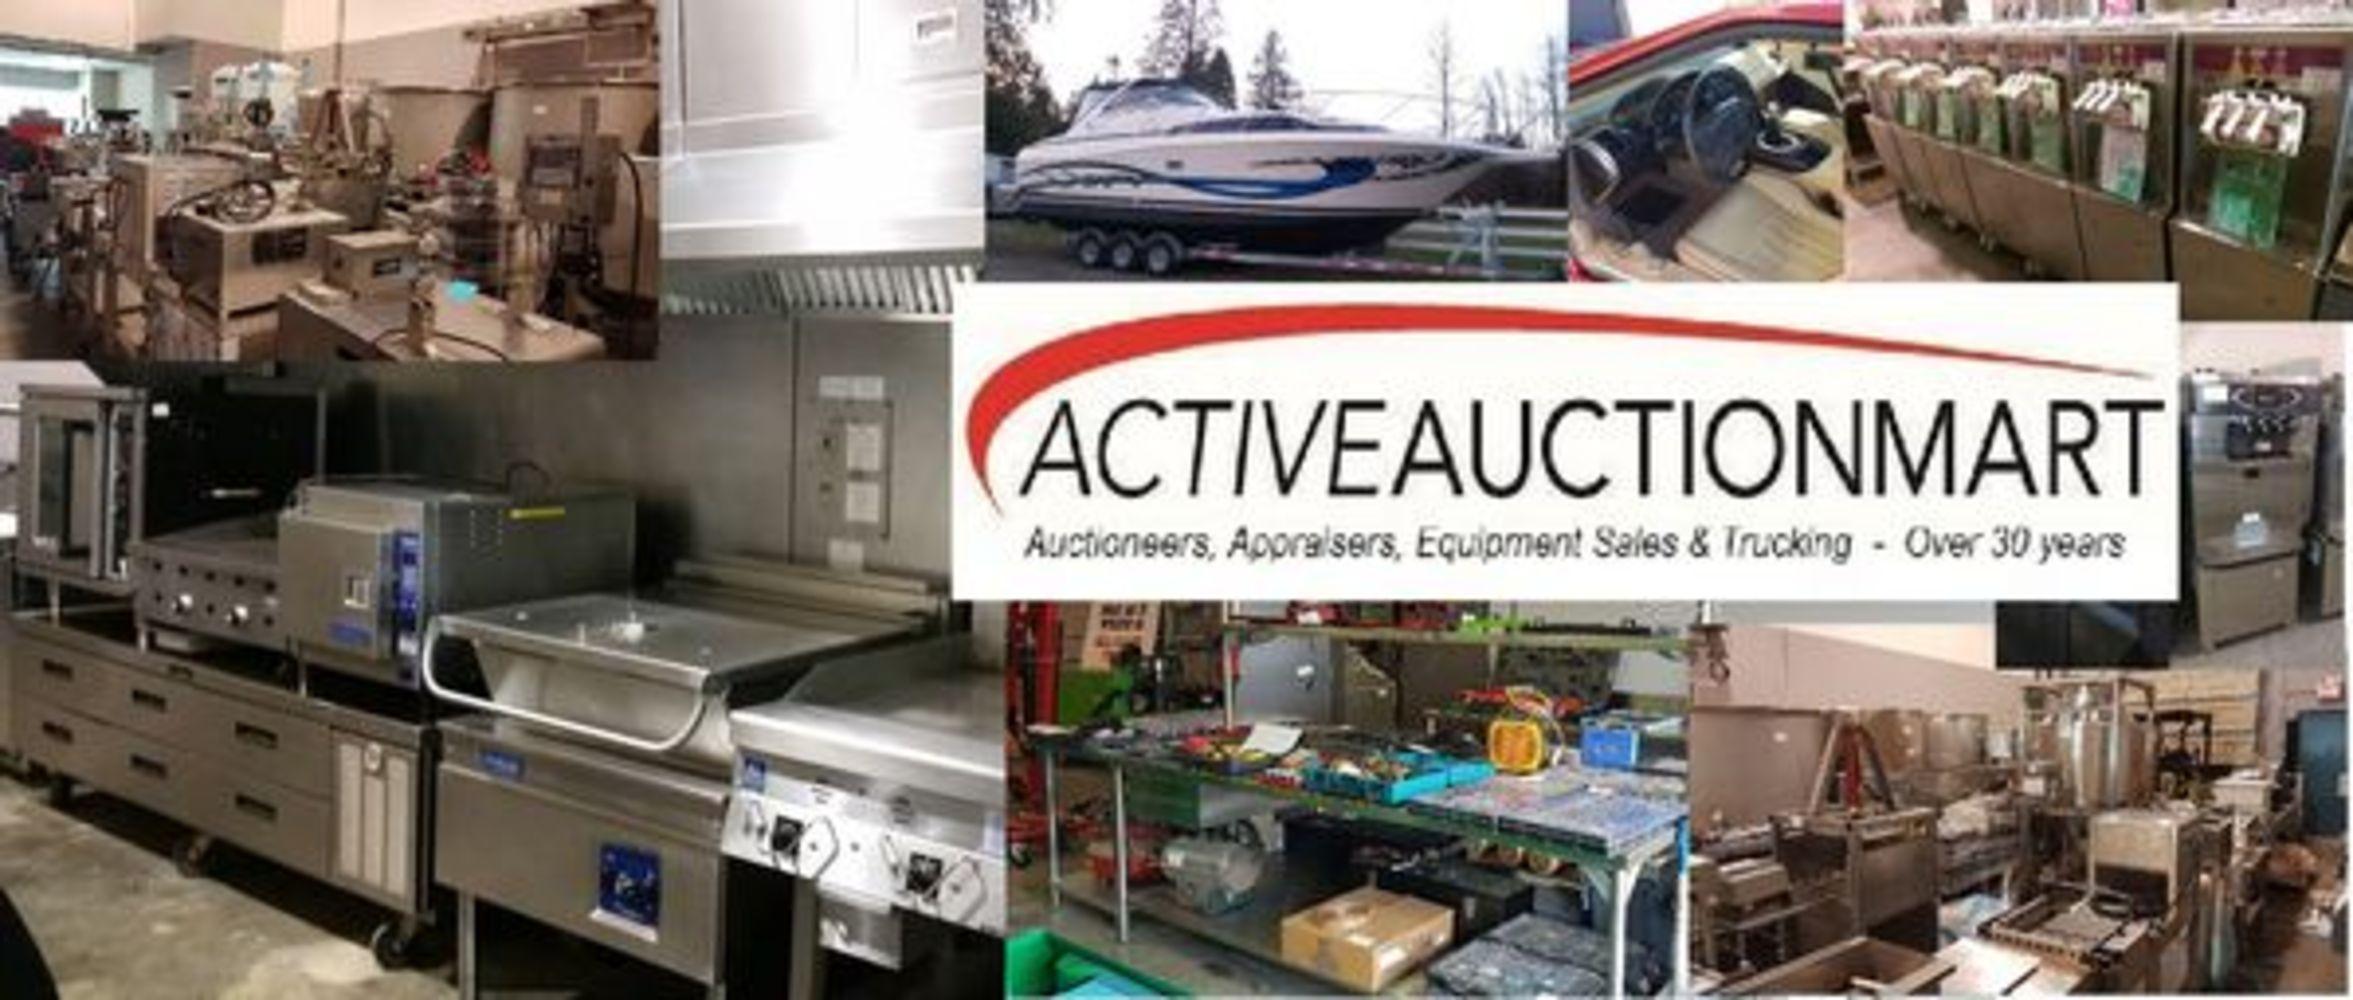 Online - 400 Plus Lots of Restaurant & Ice Cream Equipment, Bailiff Seized Plus Others